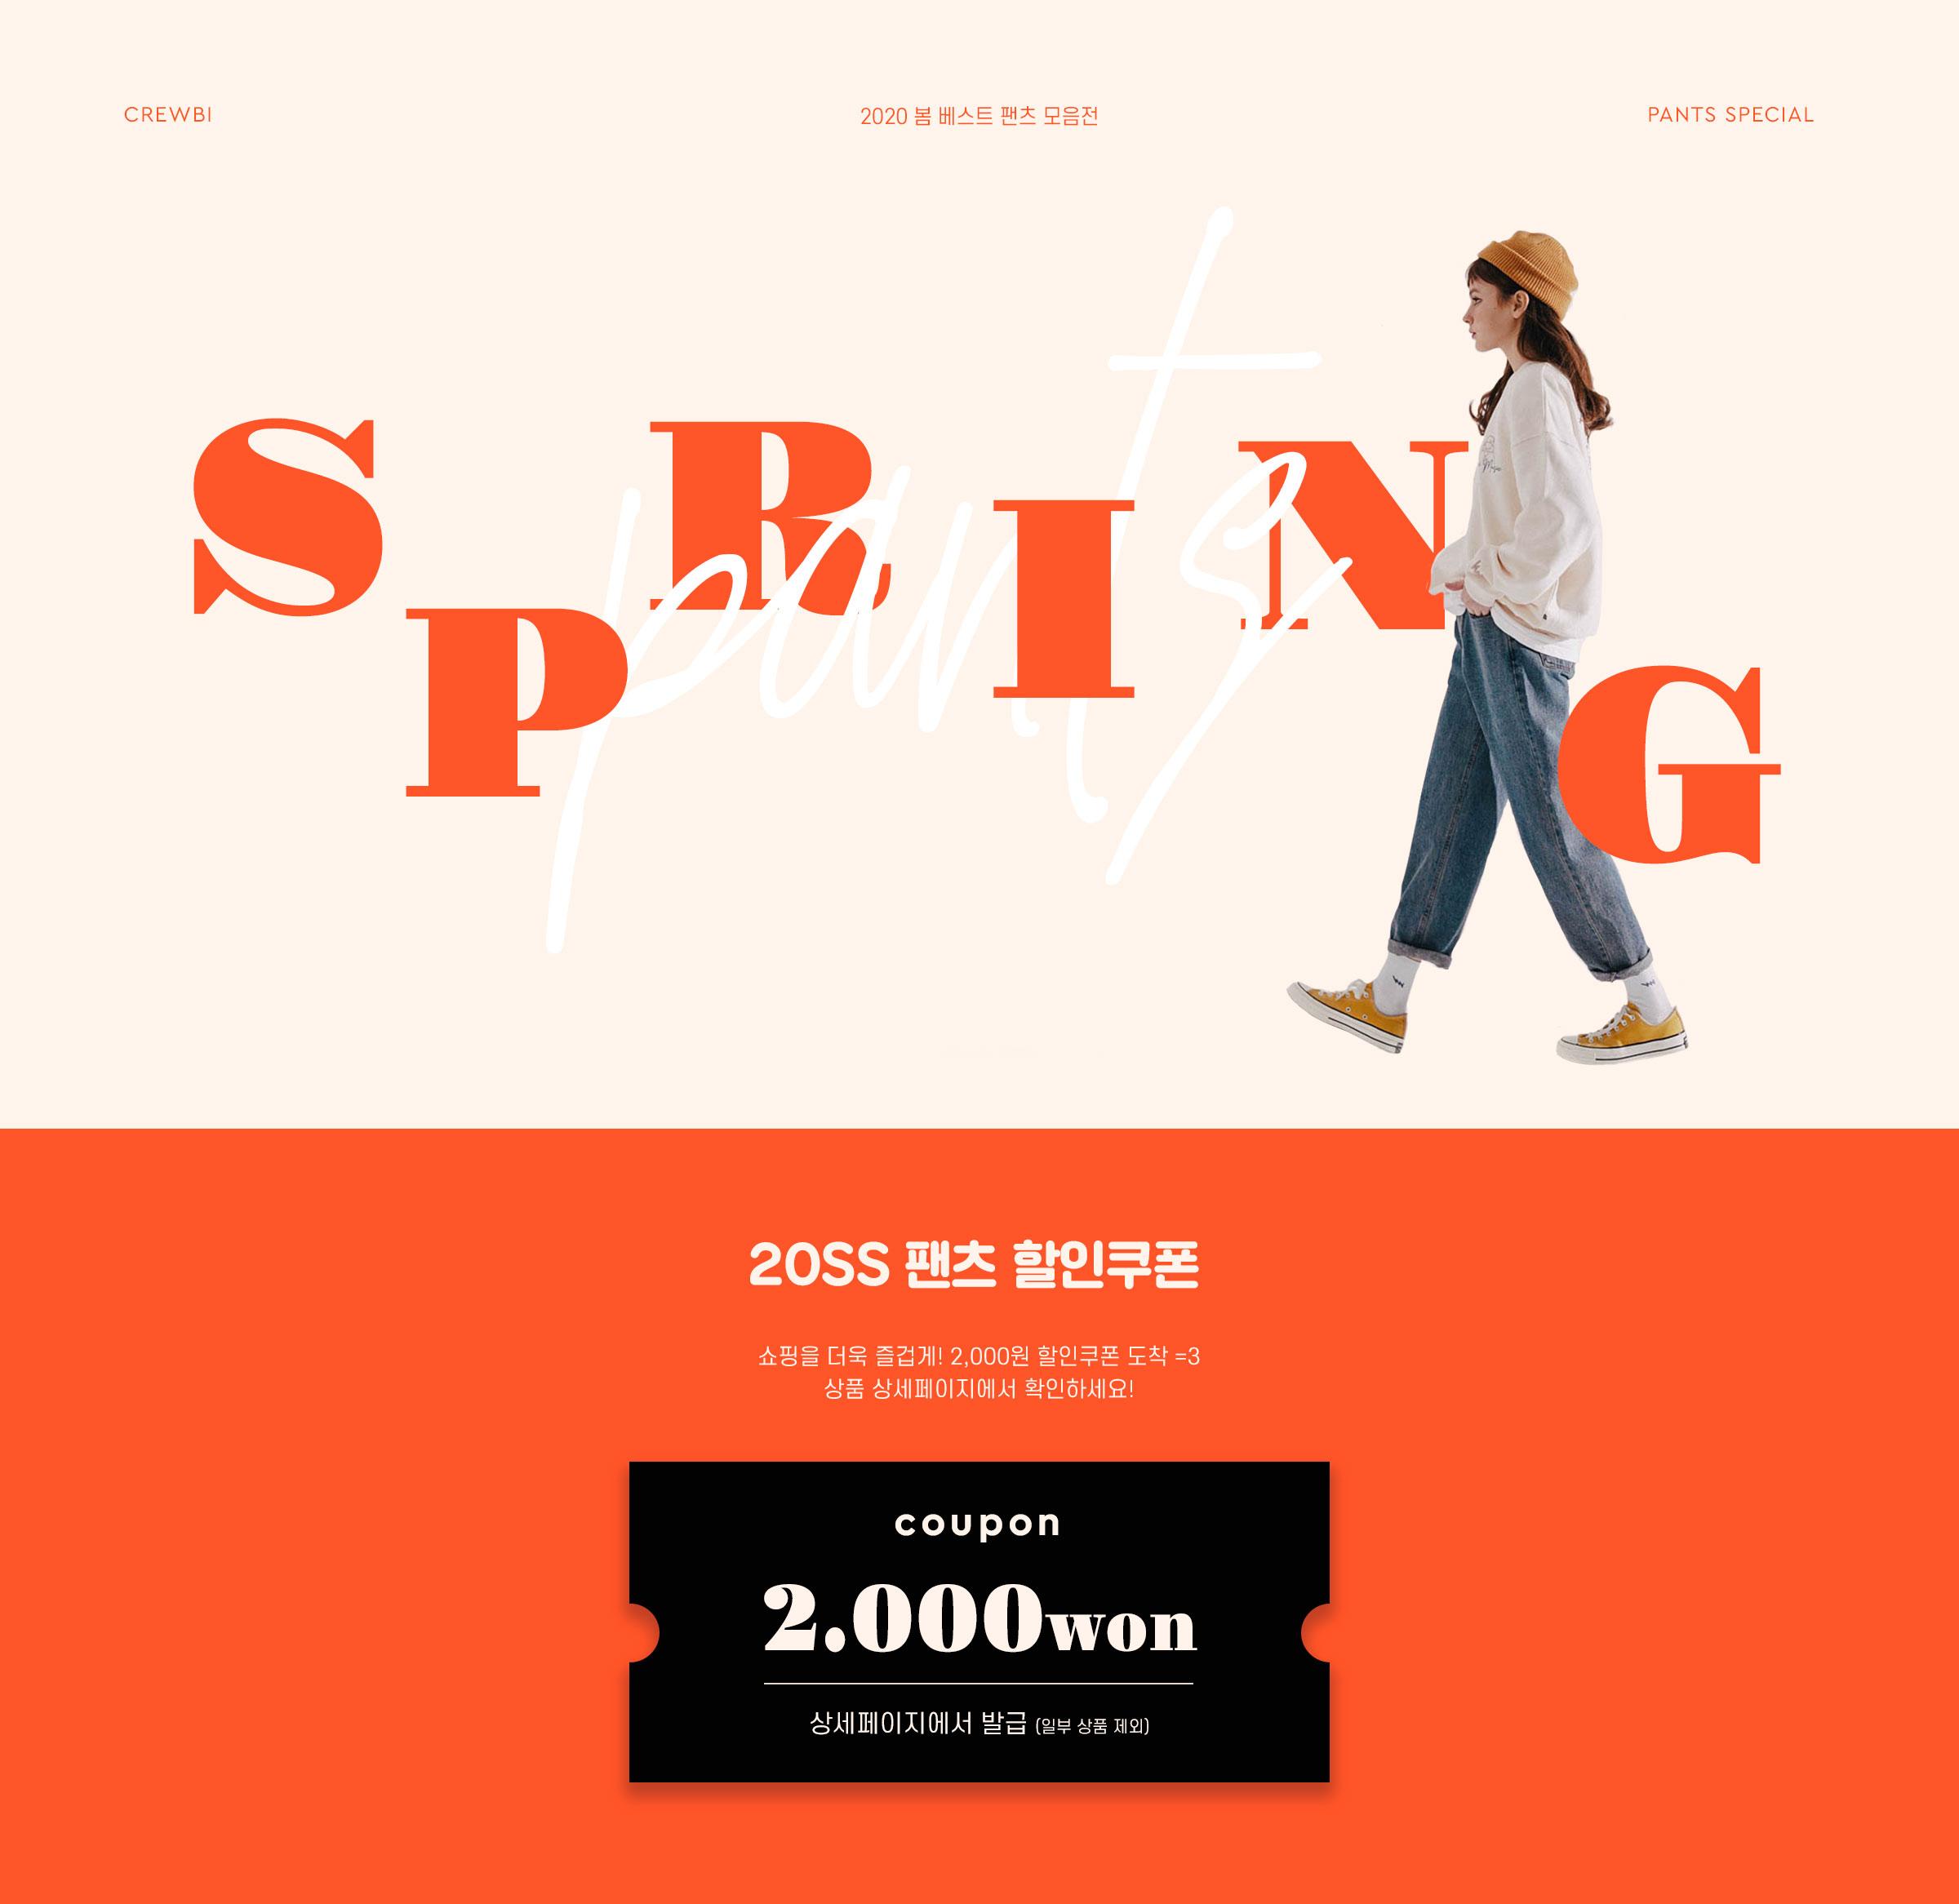 2020 봄 베스트 팬츠전